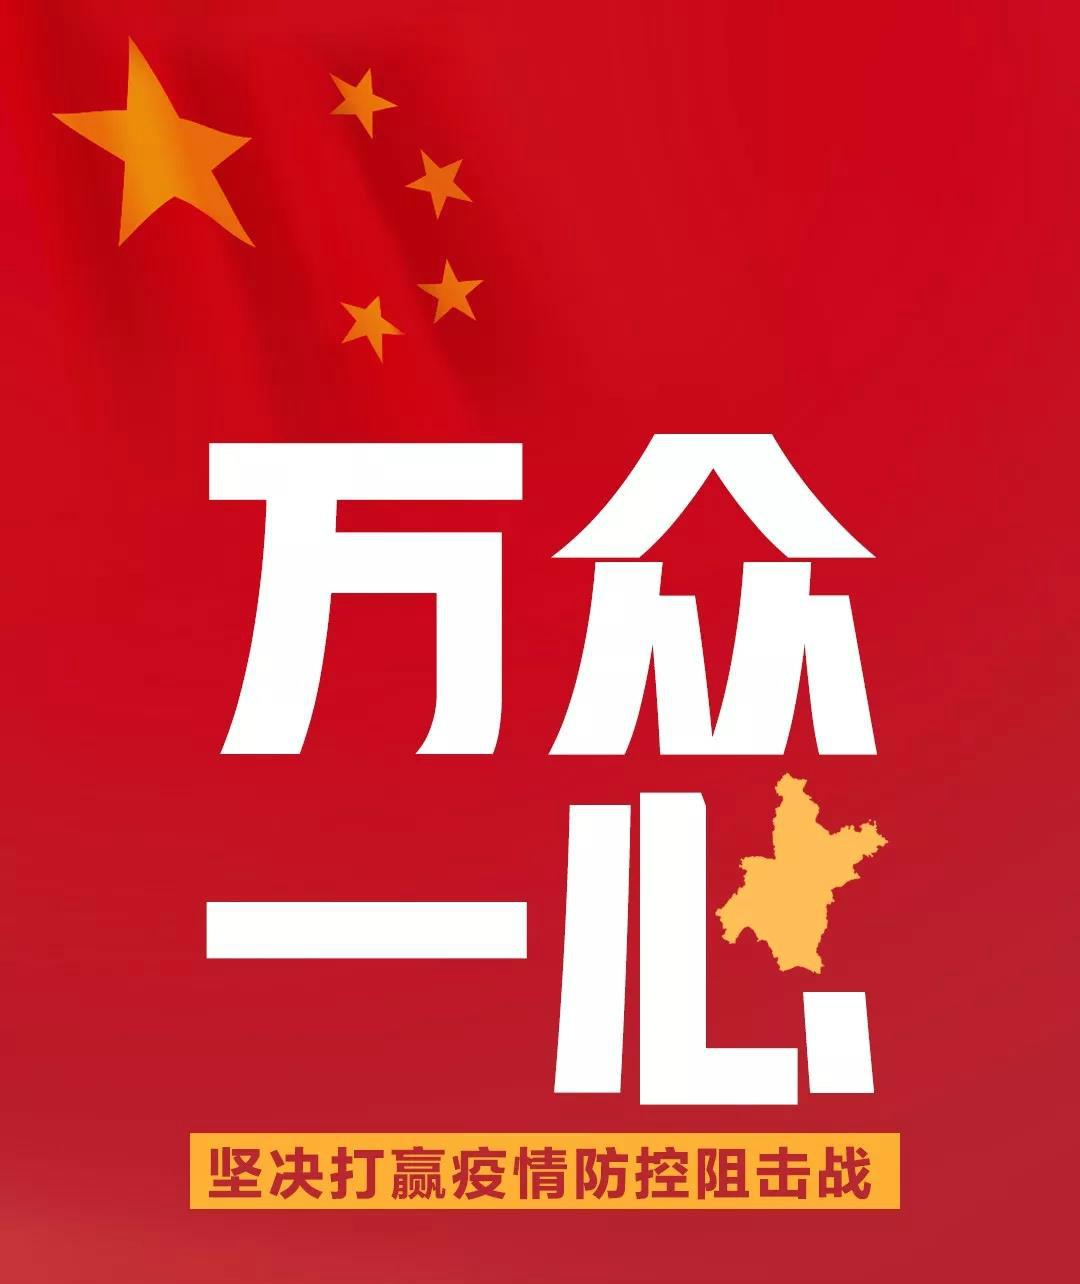 【特别报道】武汉的春天已然来到――李静医生今日凯旋!